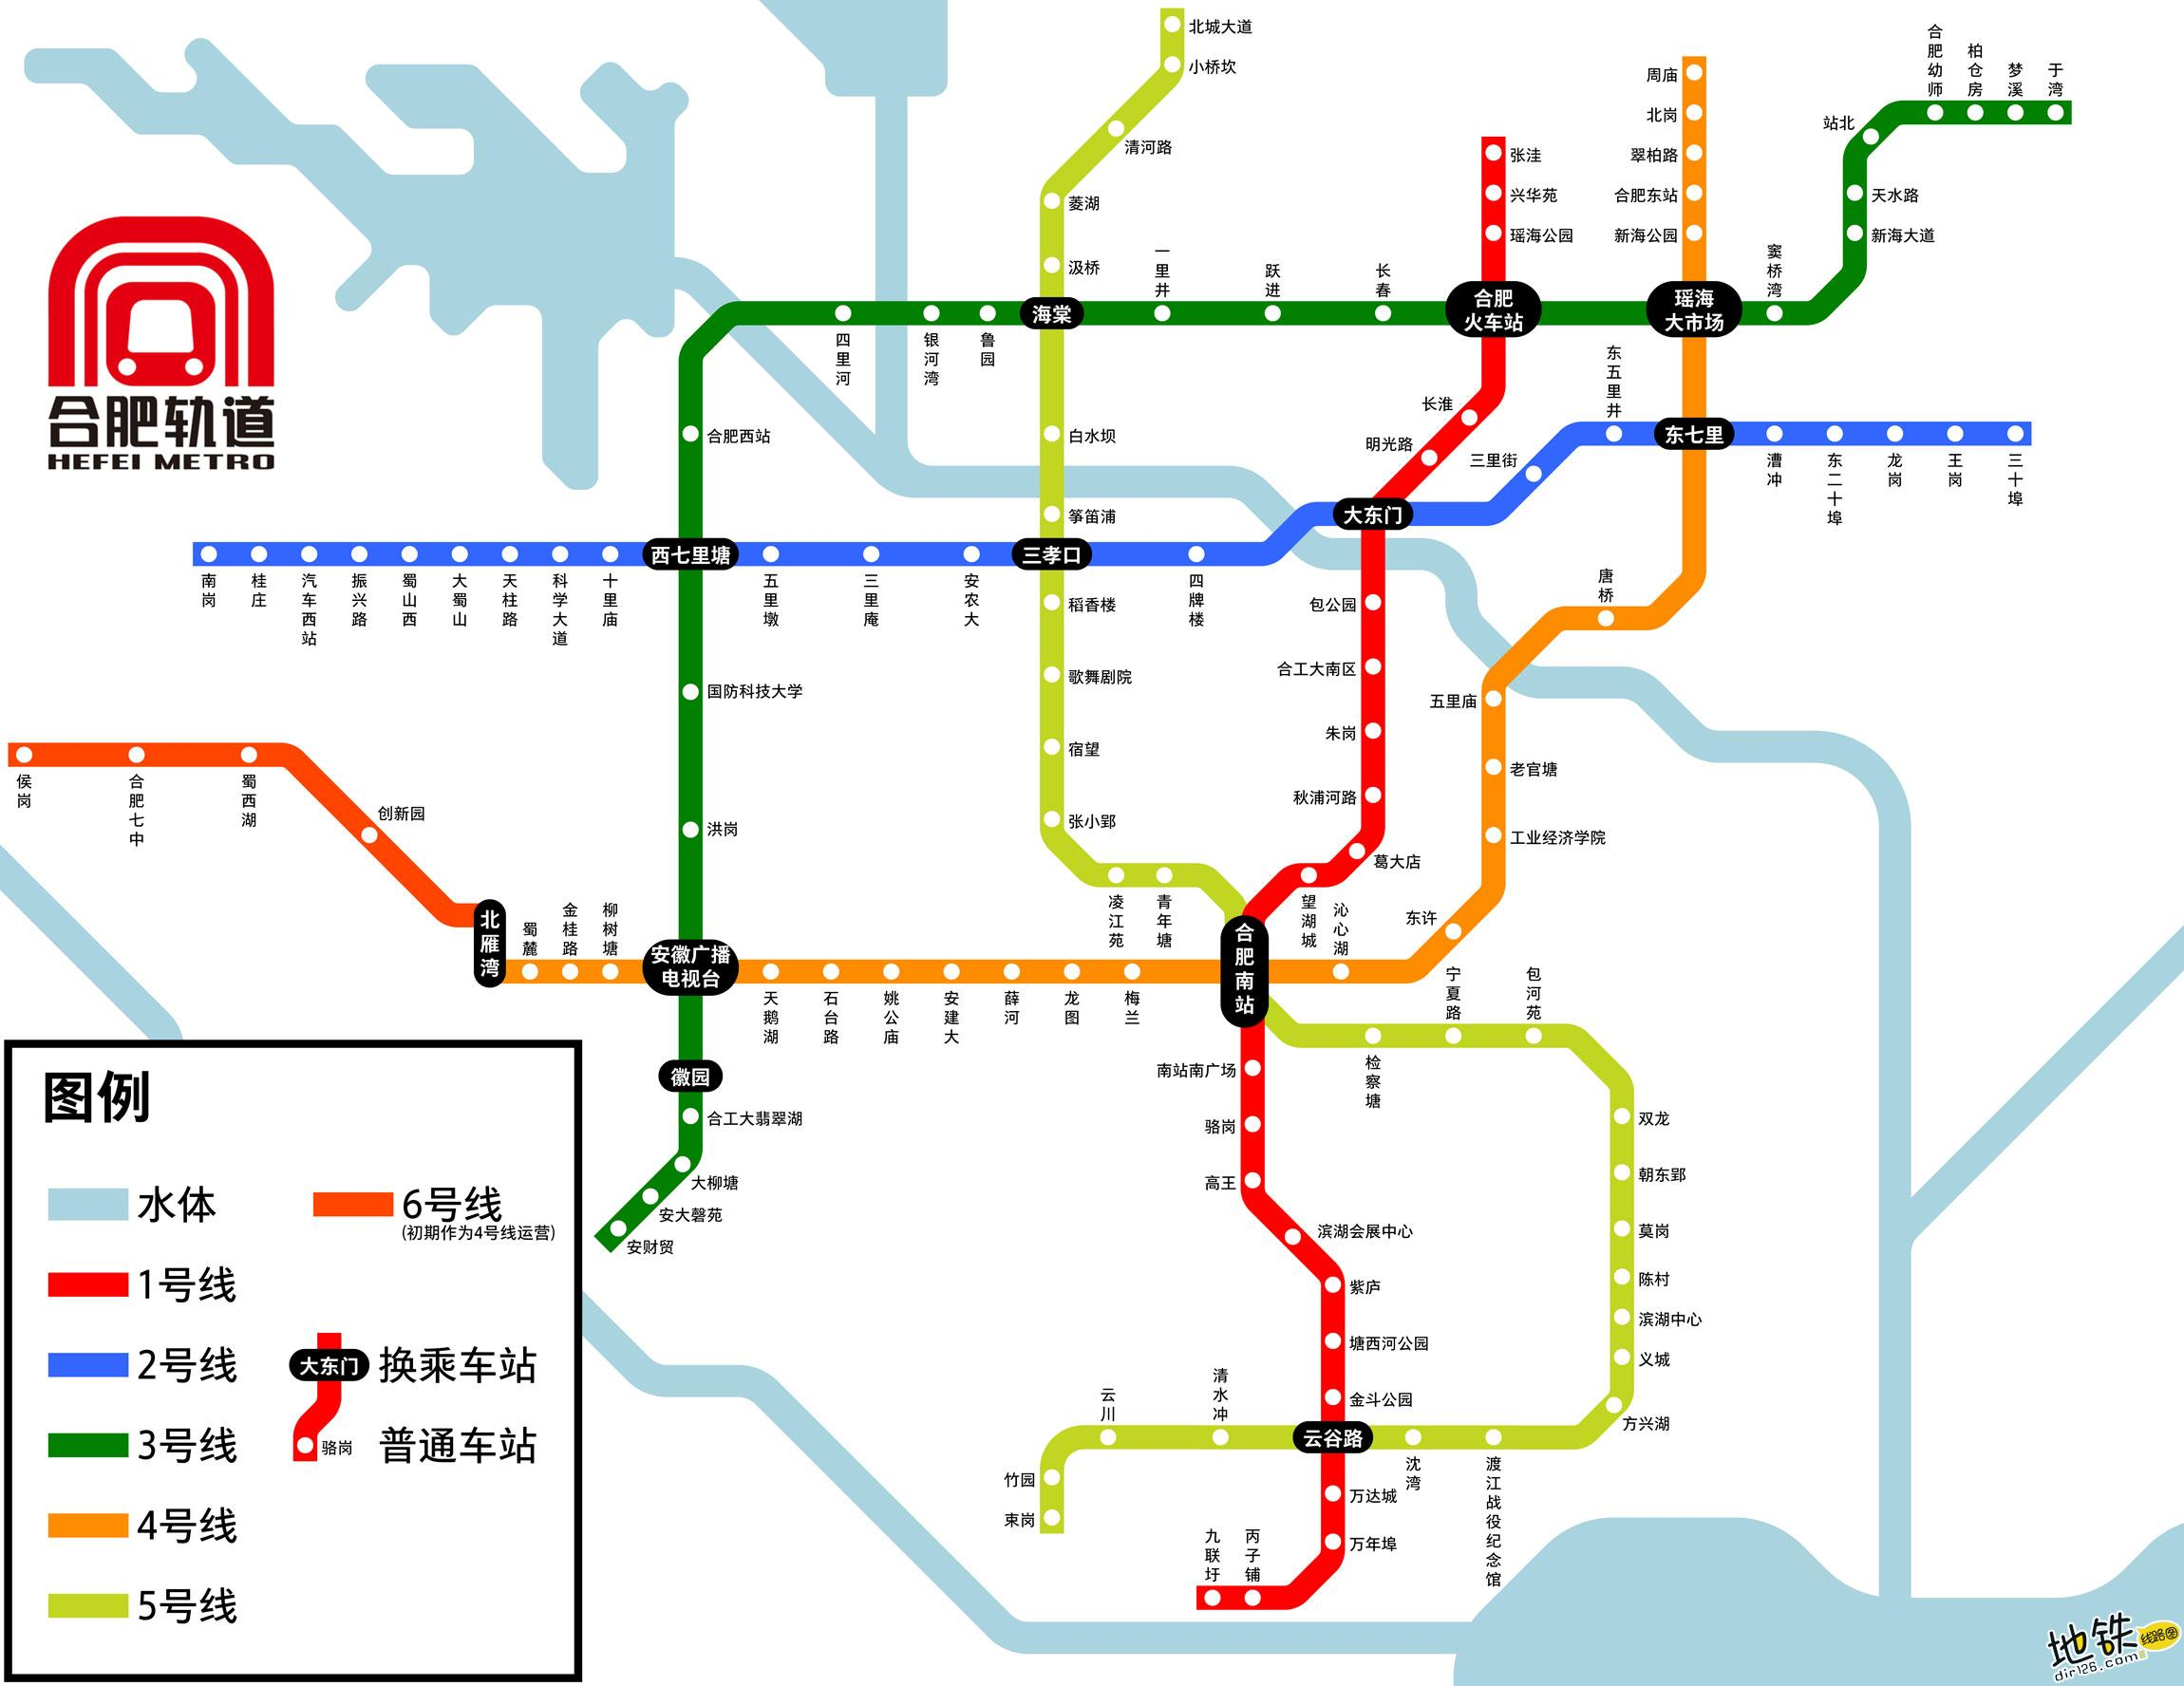 合肥地铁线路图 运营时间票价站点 查询下载 合肥地铁查询 合肥地铁线路图 合肥地铁票价 合肥地铁运营时间 合肥地铁 合肥地铁线路图  第3张